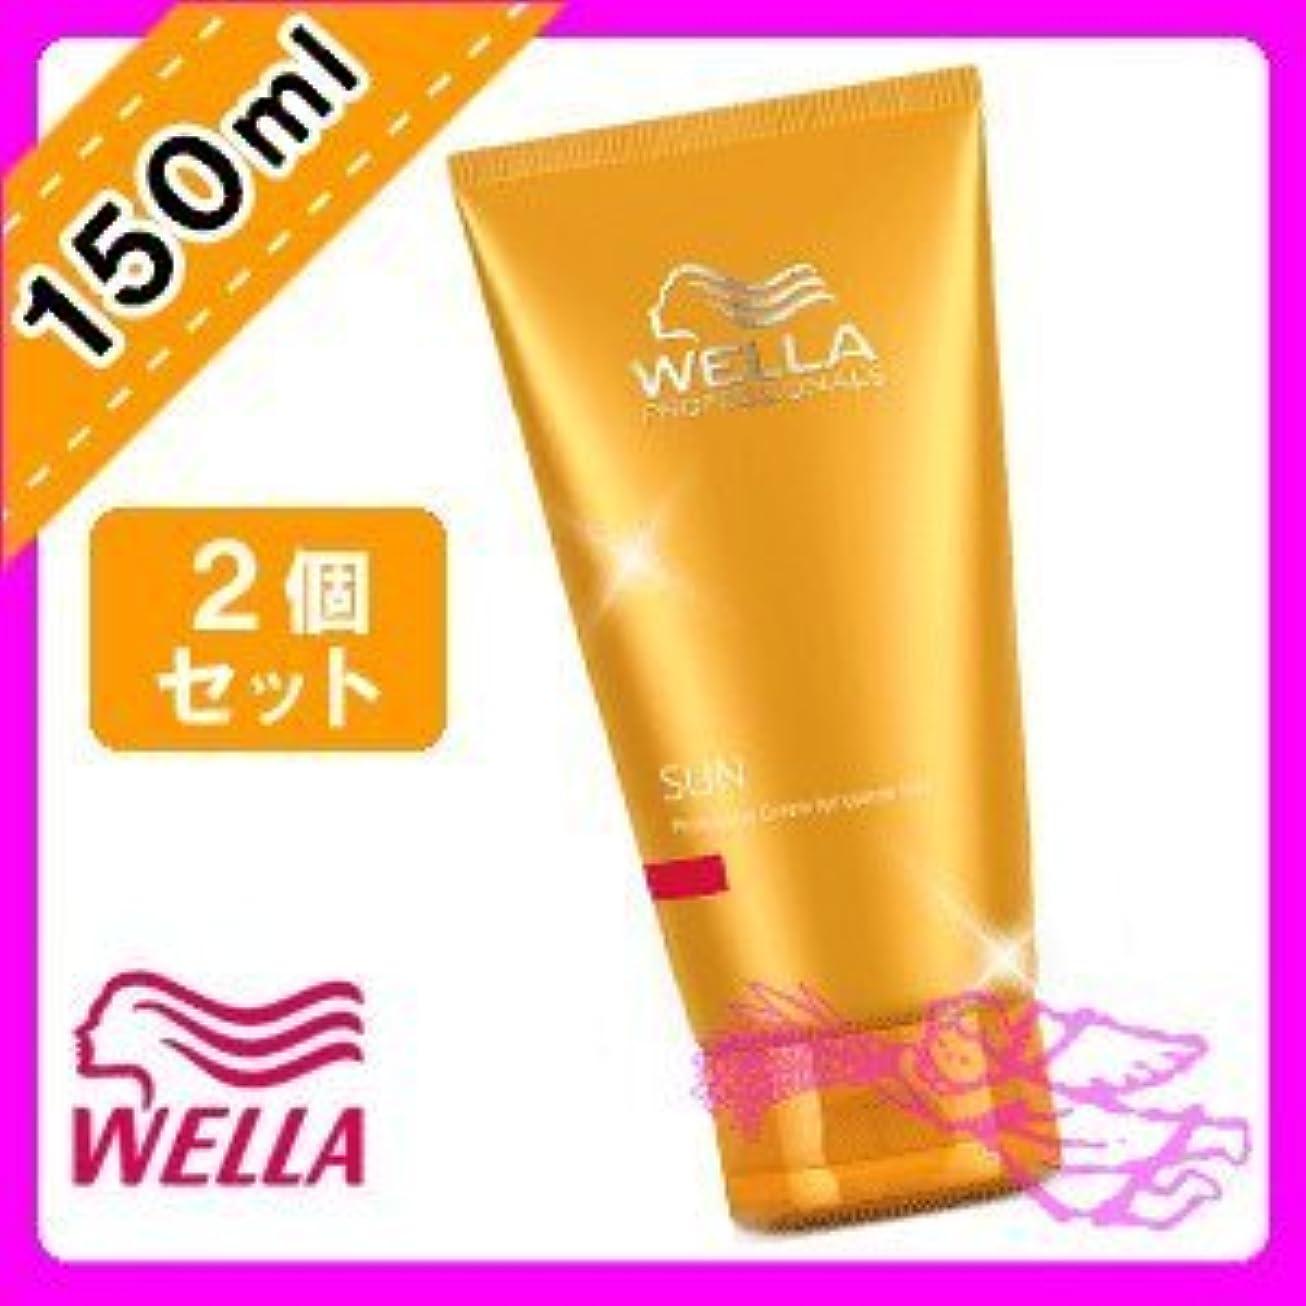 入植者服を洗う細菌ウエラ プロフェッショナルケア サン プロテクションクリーム <150mL×2個セット> WELLA PROFESSIONALCARE UV 紫外線防止